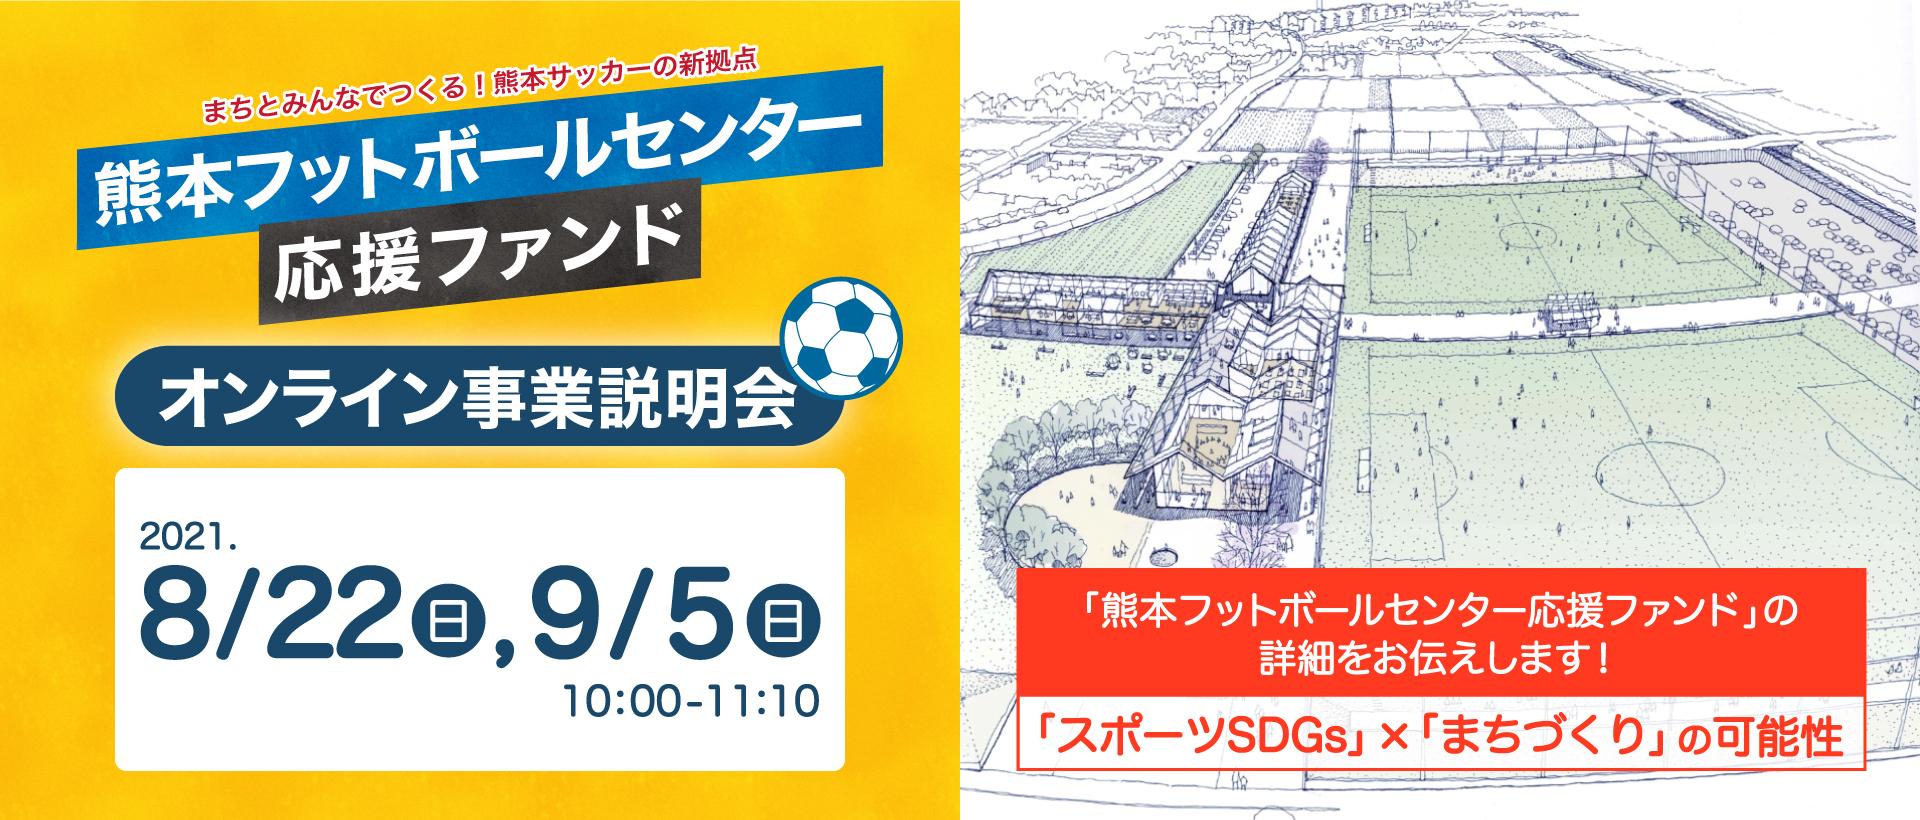 熊本フットボールセンター応援ファンド オンライン事業説明会